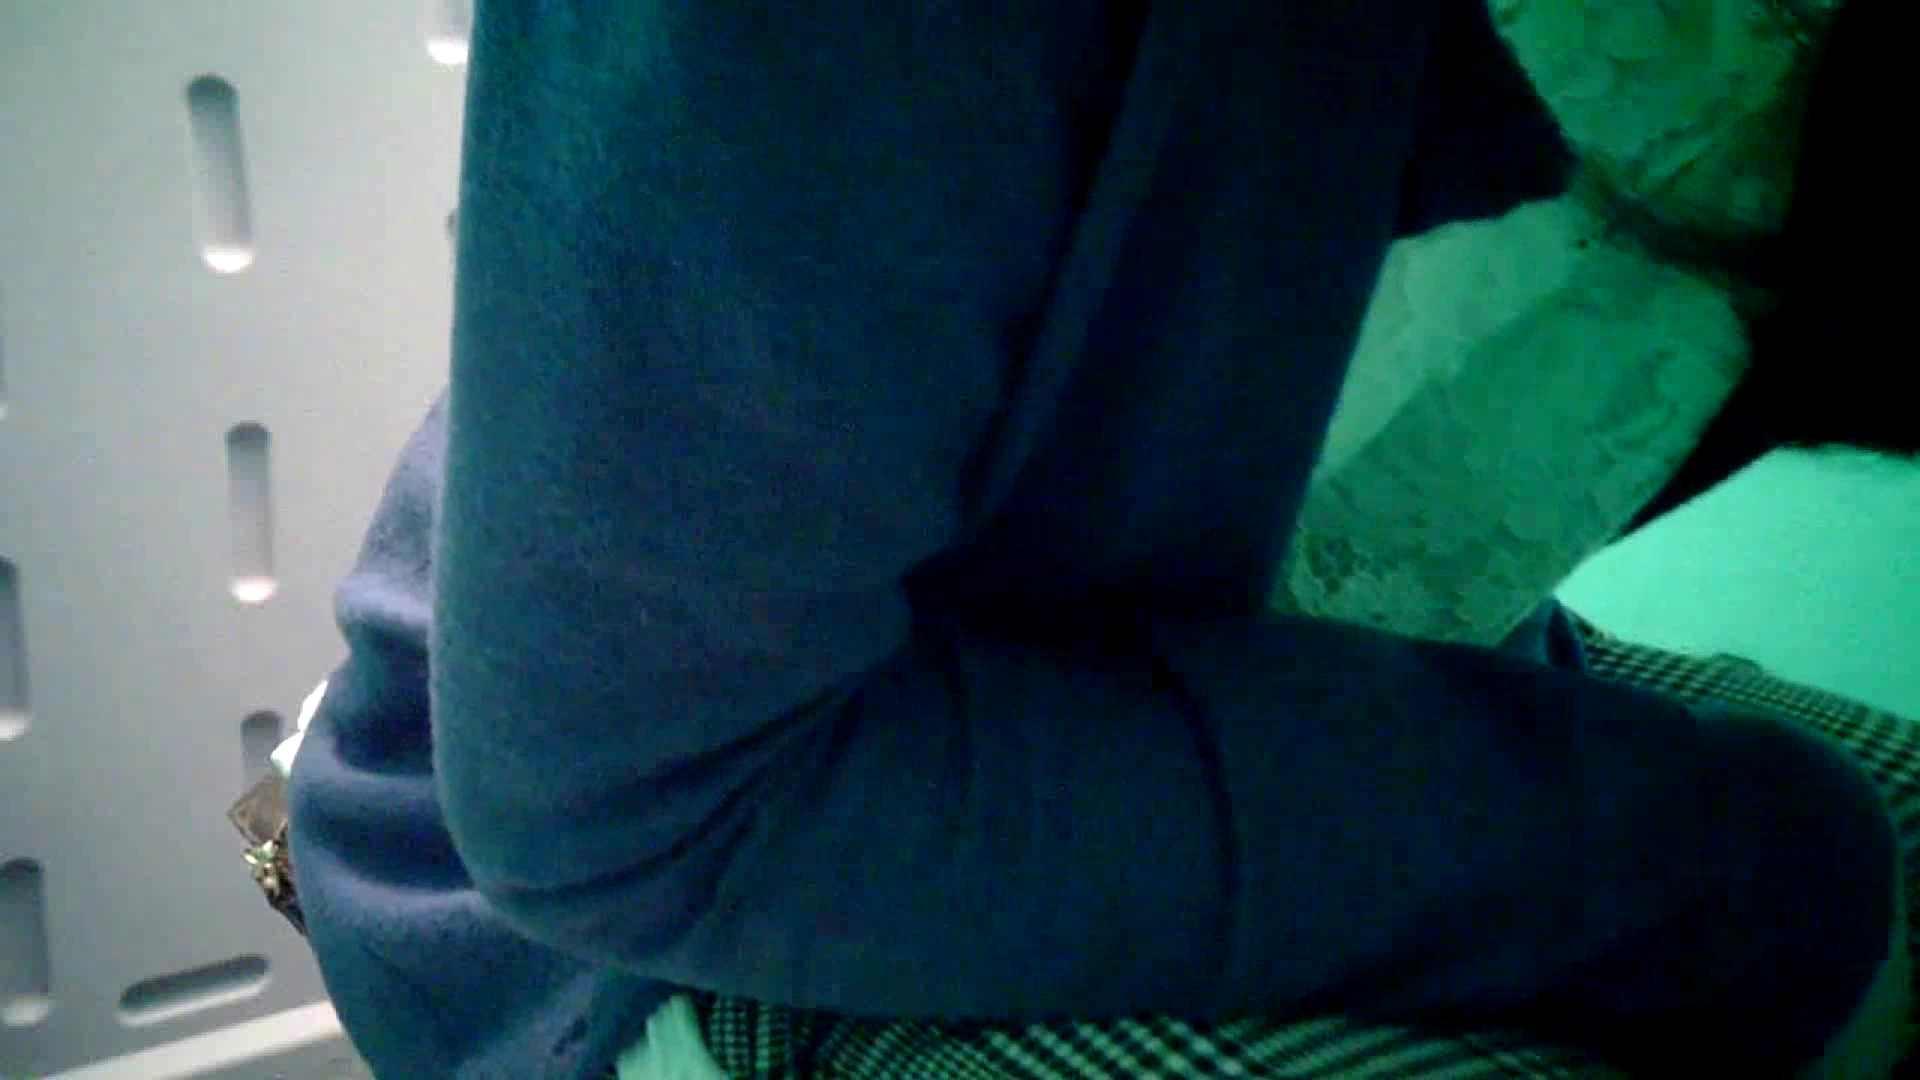 痴態洗面所 Vol.06 中が「マジヤバいヨネ!」洗面所 洗面所着替え | OL  100連発 89